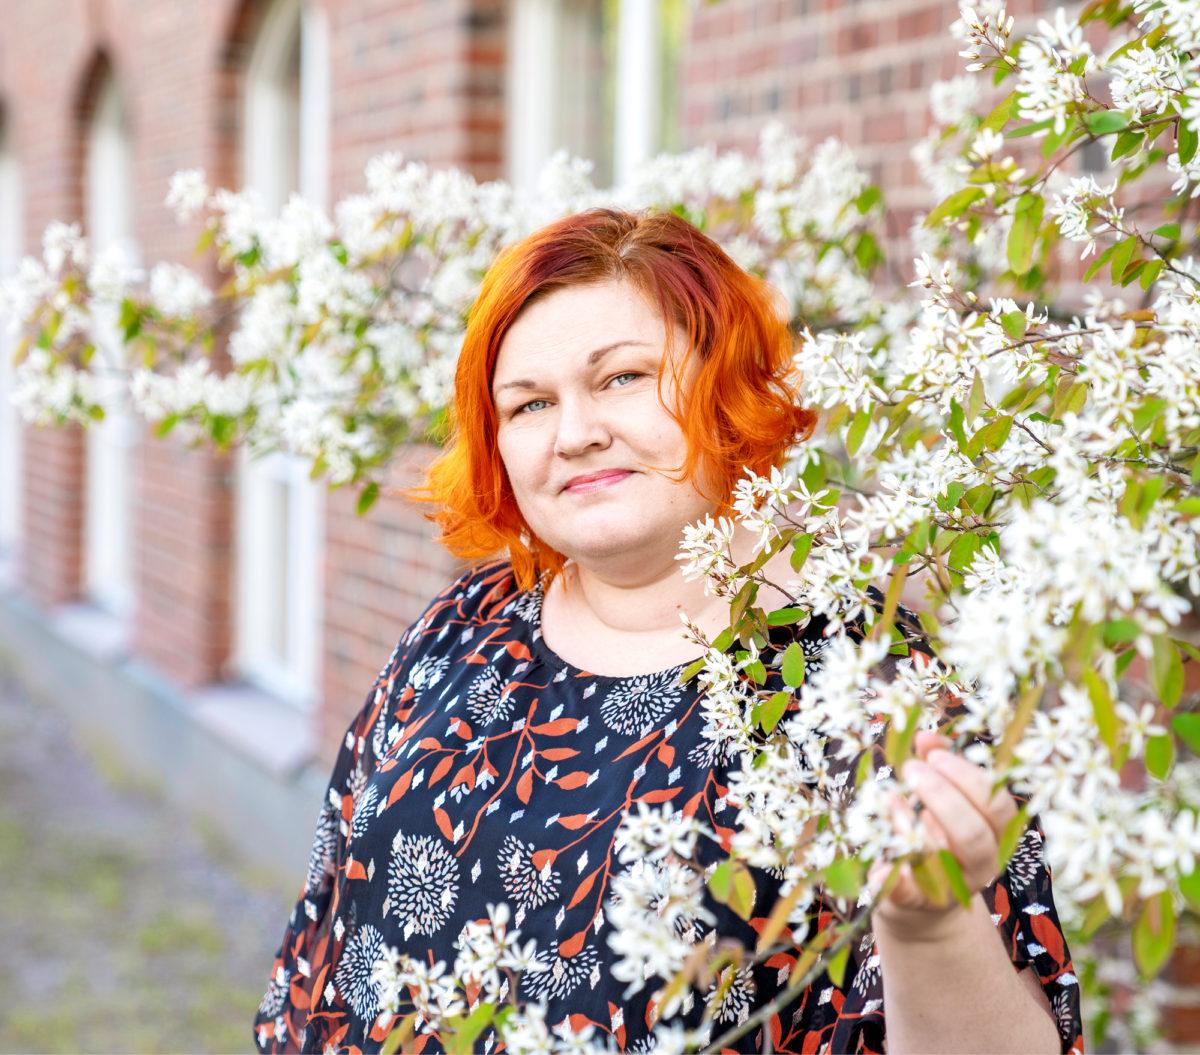 Katja Poudan mukaan kiinnostavilta vaikuttavissa, avoimiksi ilmoitetuissa työtehtävissä vaaditaan usein ylempää korkeakoulututkintoa. Sen tähden hän suuntaa jatko-opintoihin.